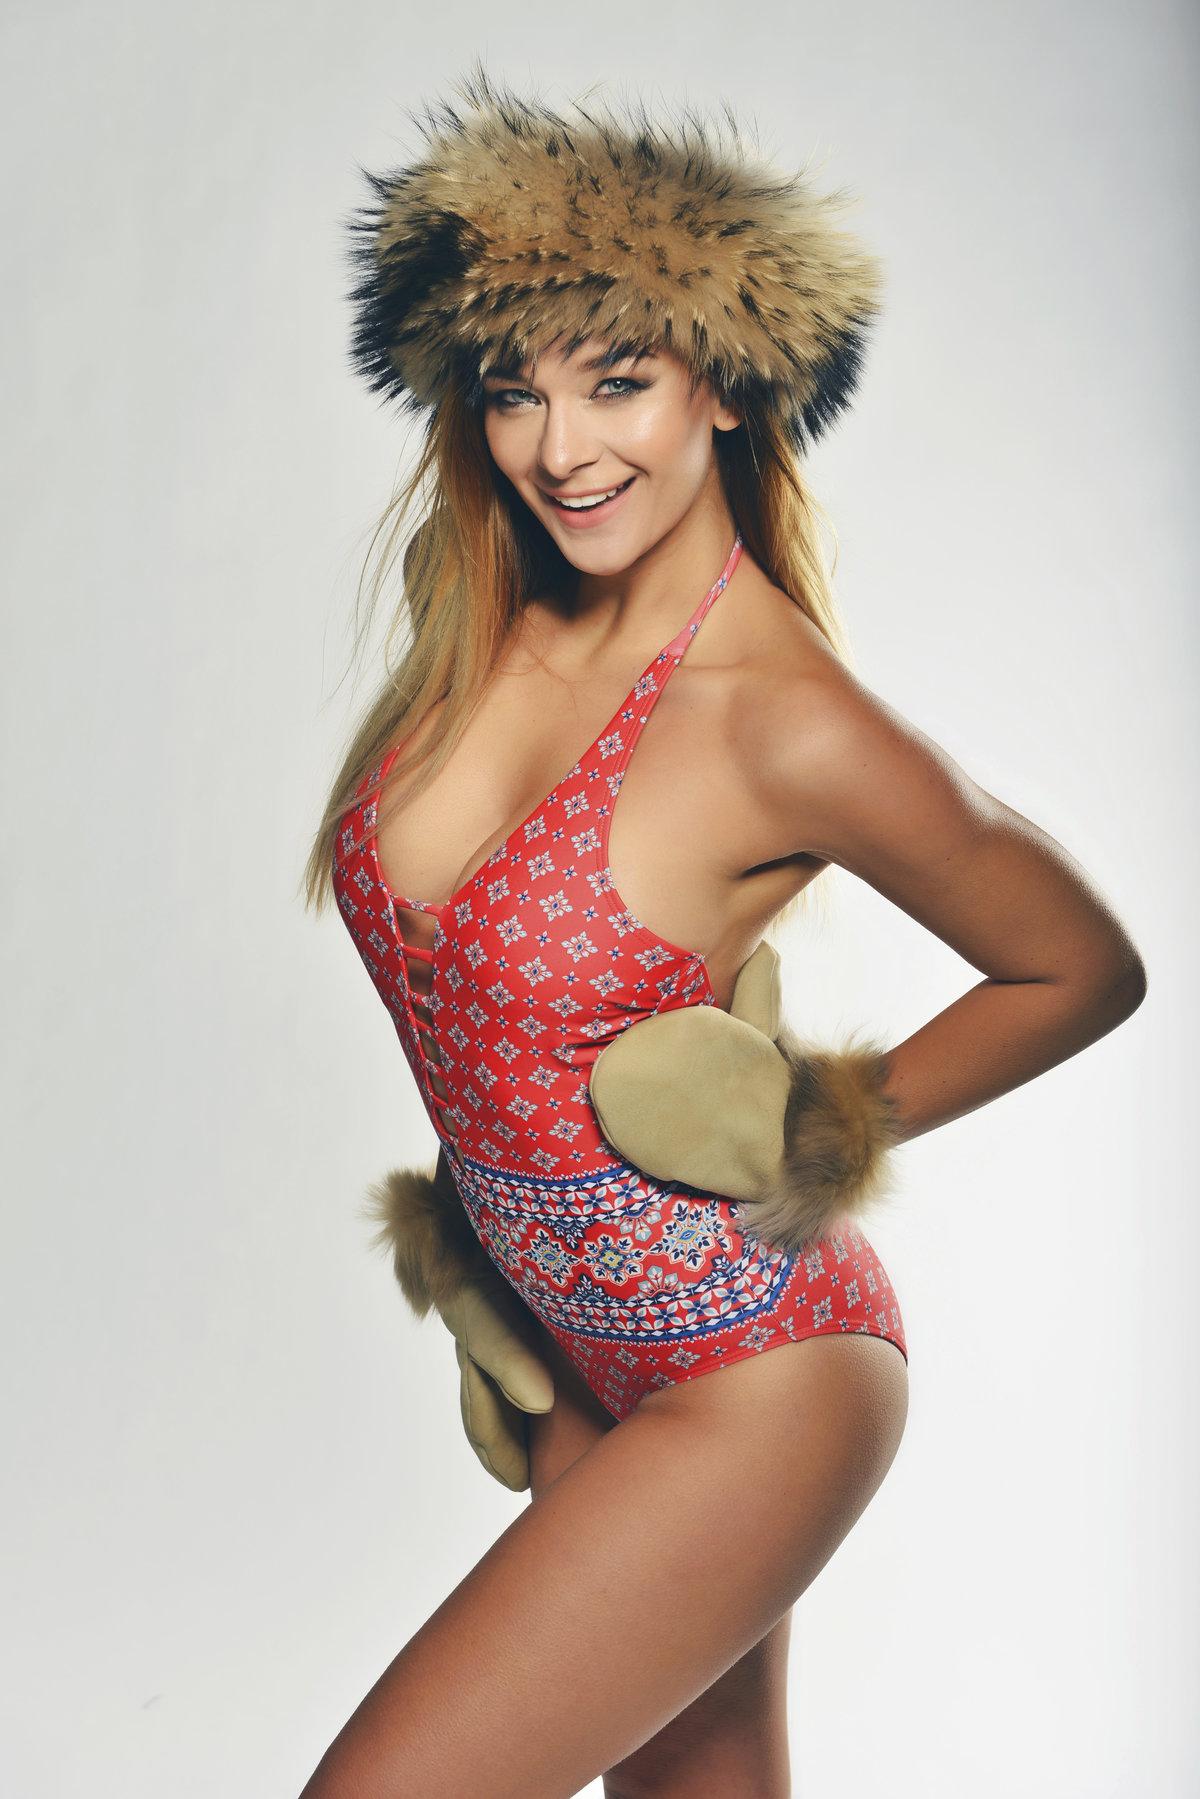 V zimě se čepice a rukavice hodí.